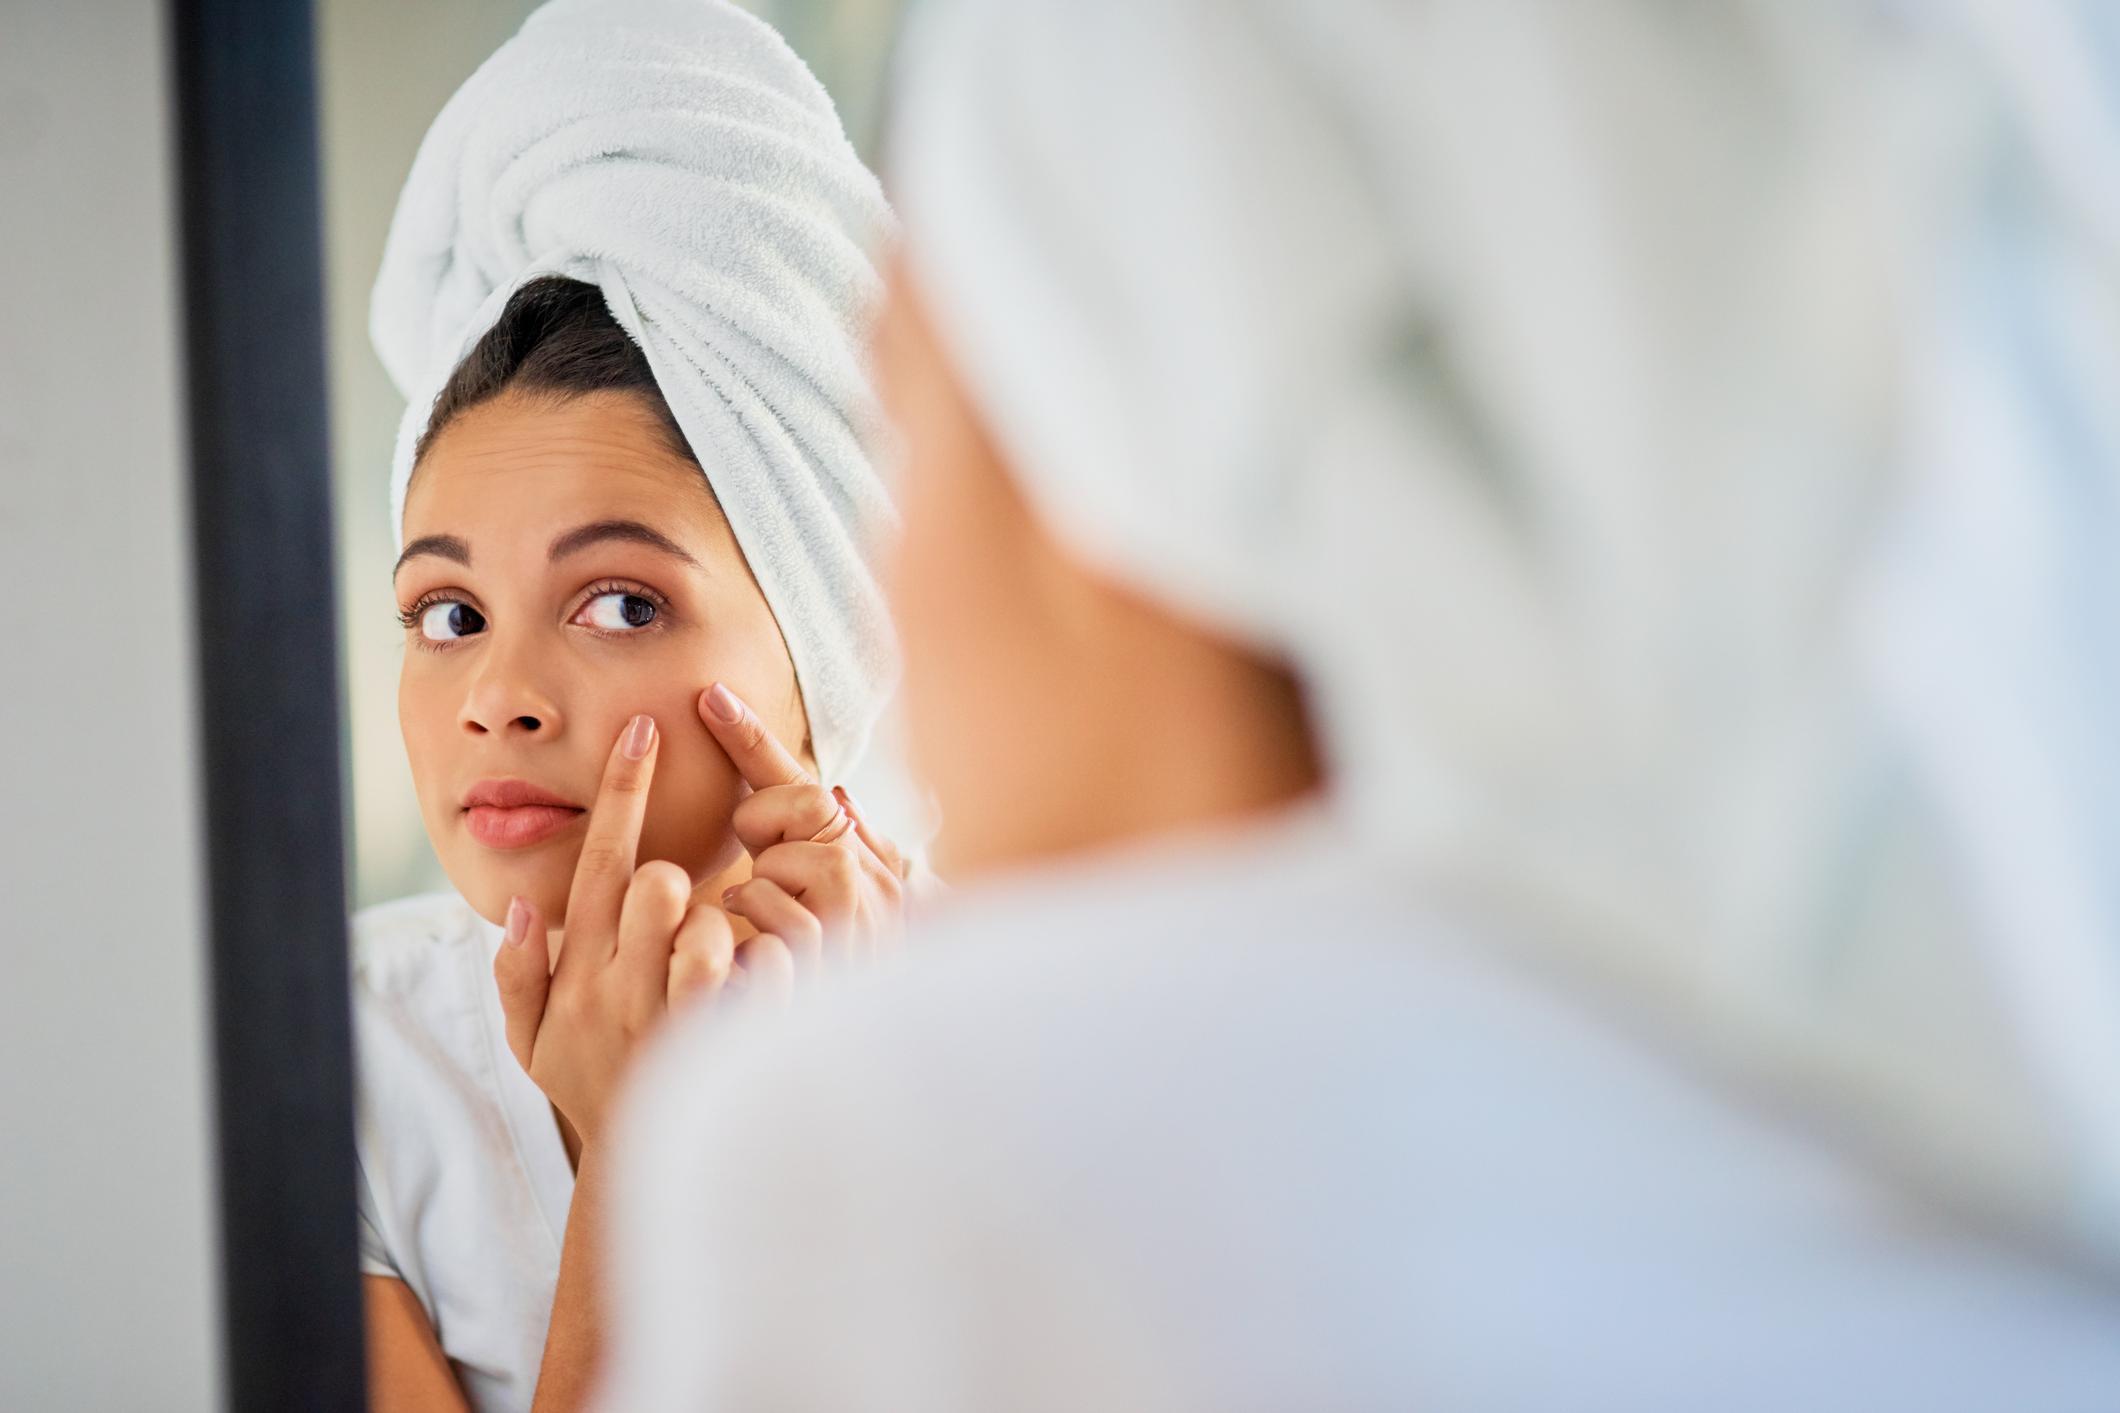 Femme se maquillant devant son miroir